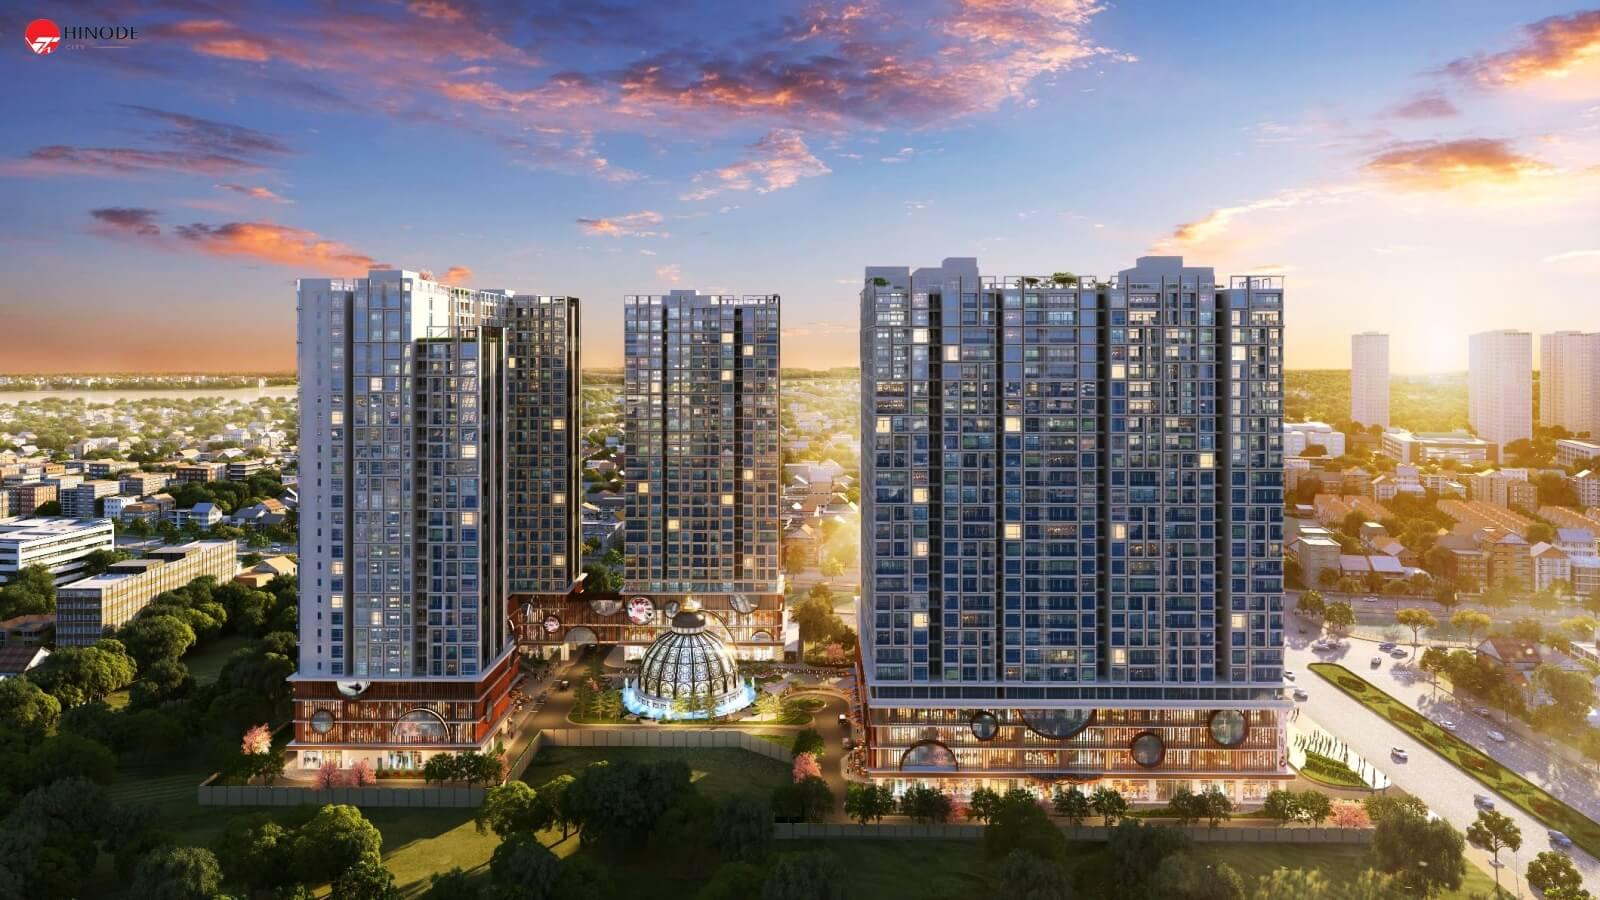 Hinode City tâm điểm sáng bất động sản trung tâm Hà Nội